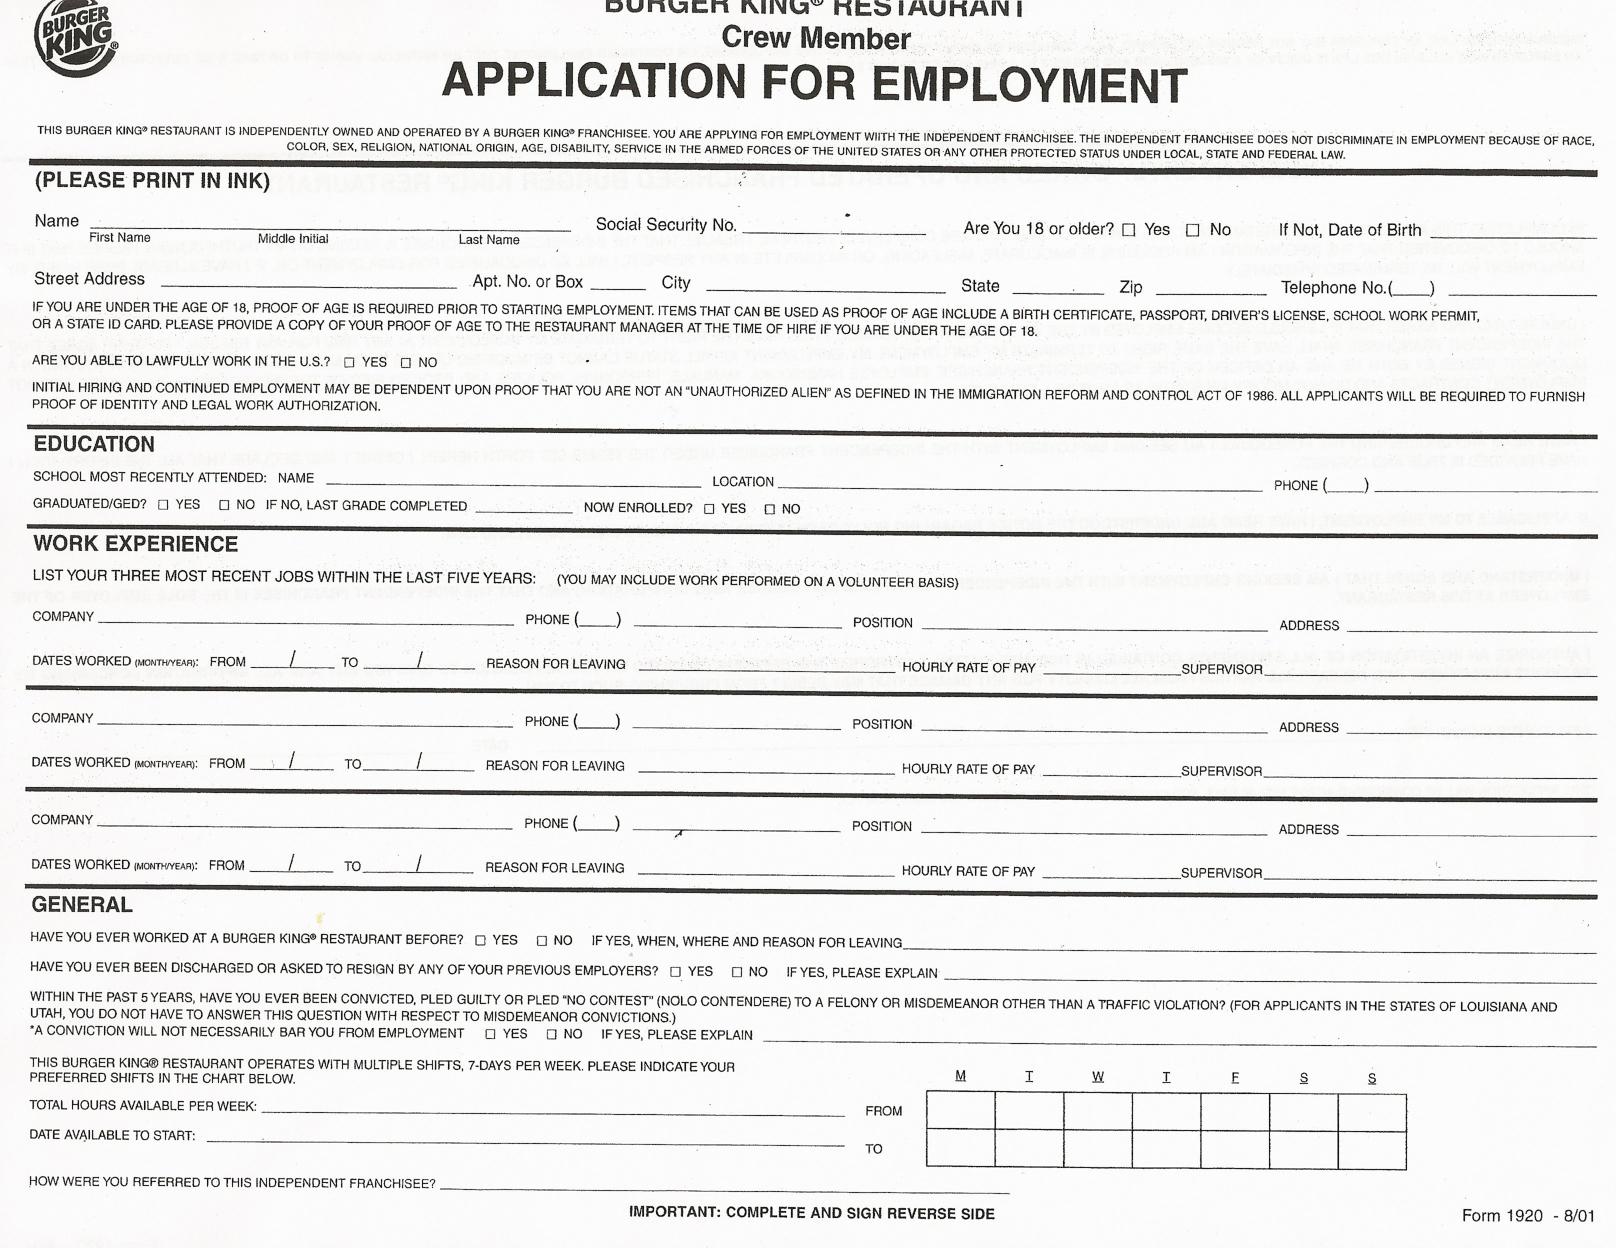 Job Application Forms To Print   Printable Job Application Forms - Free Printable Job Application Template